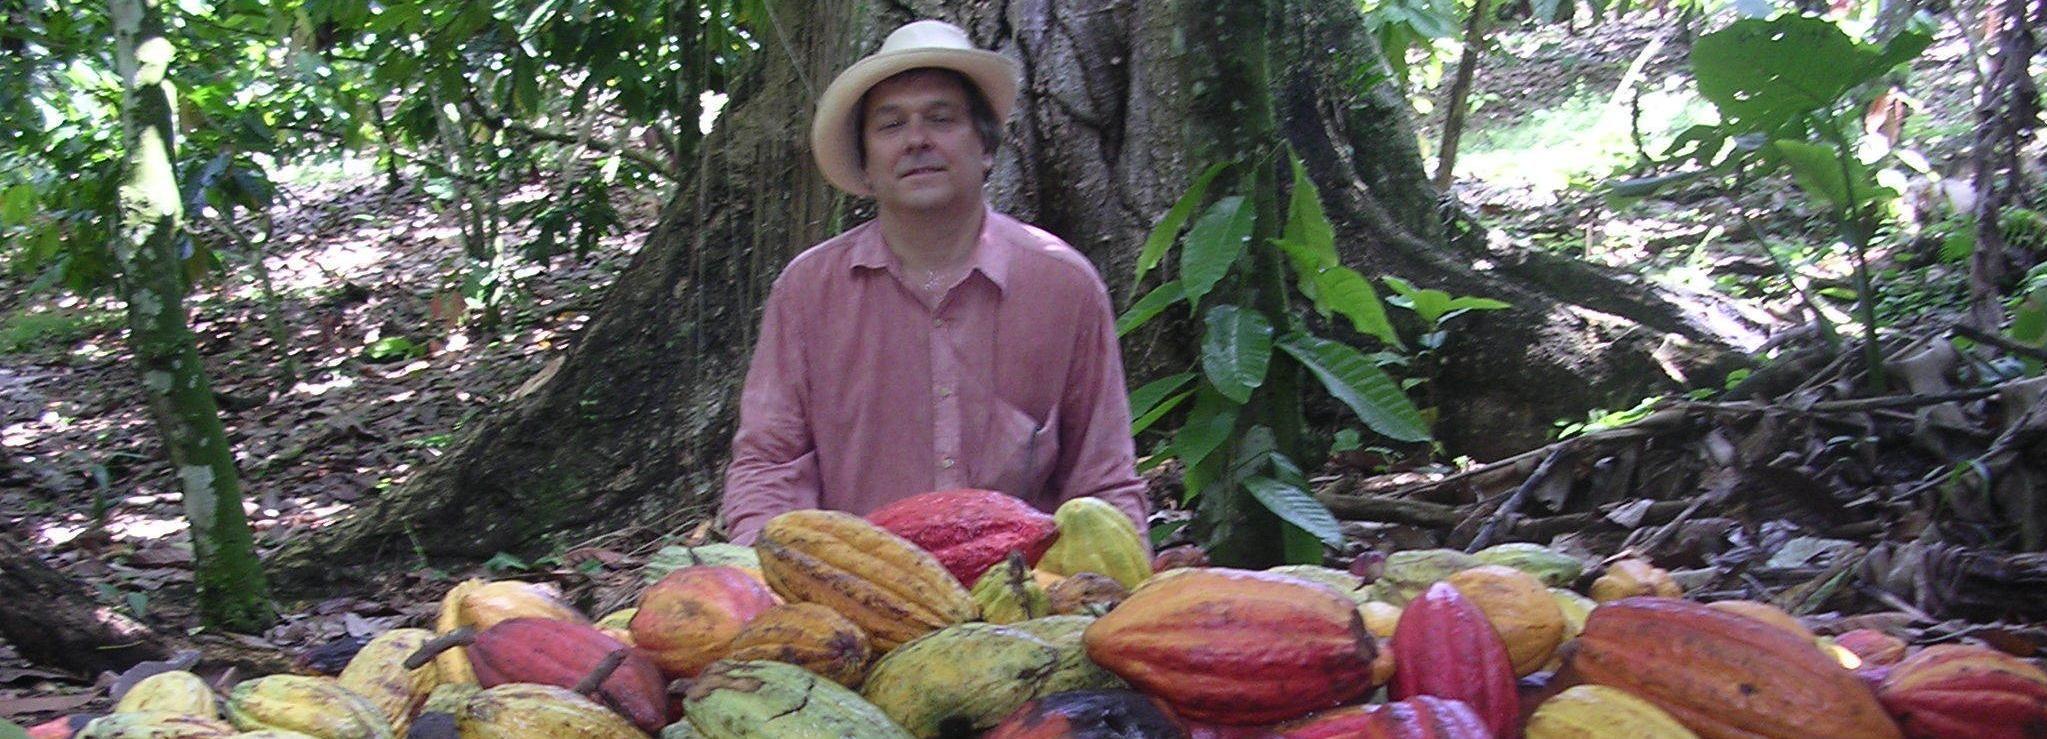 Saint-Domingue: découverte du chocolat et du cigare